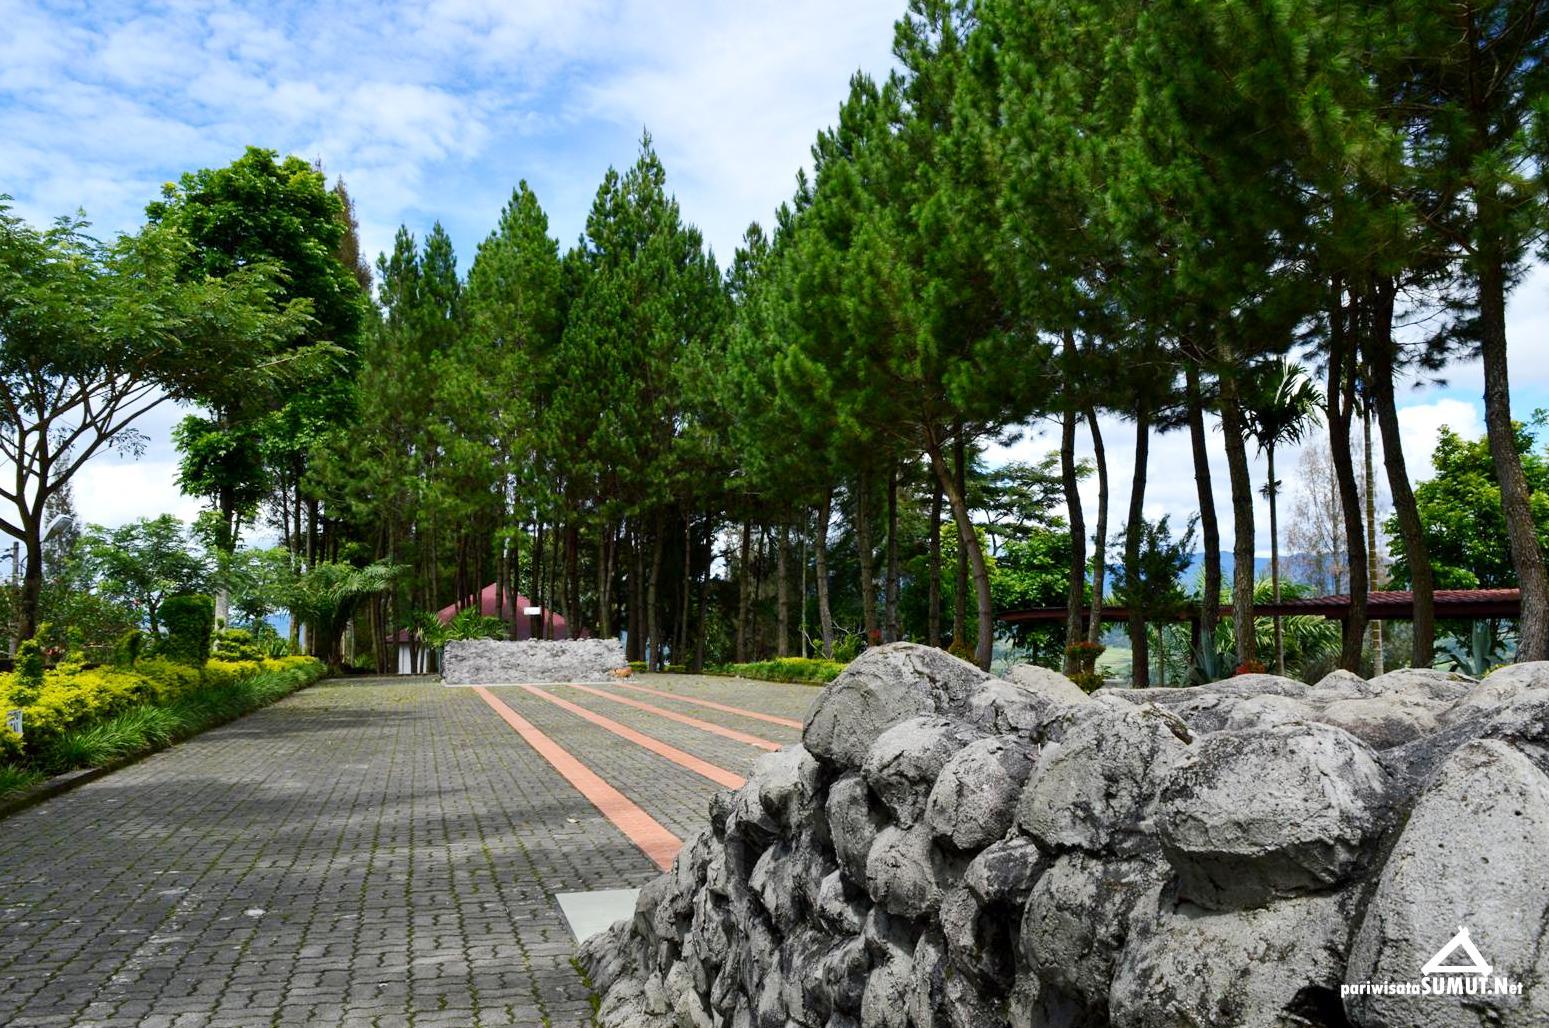 Taman Wisata Iman Destinasi Religi Di Kabupaten Dairi Pariwisata Sumut